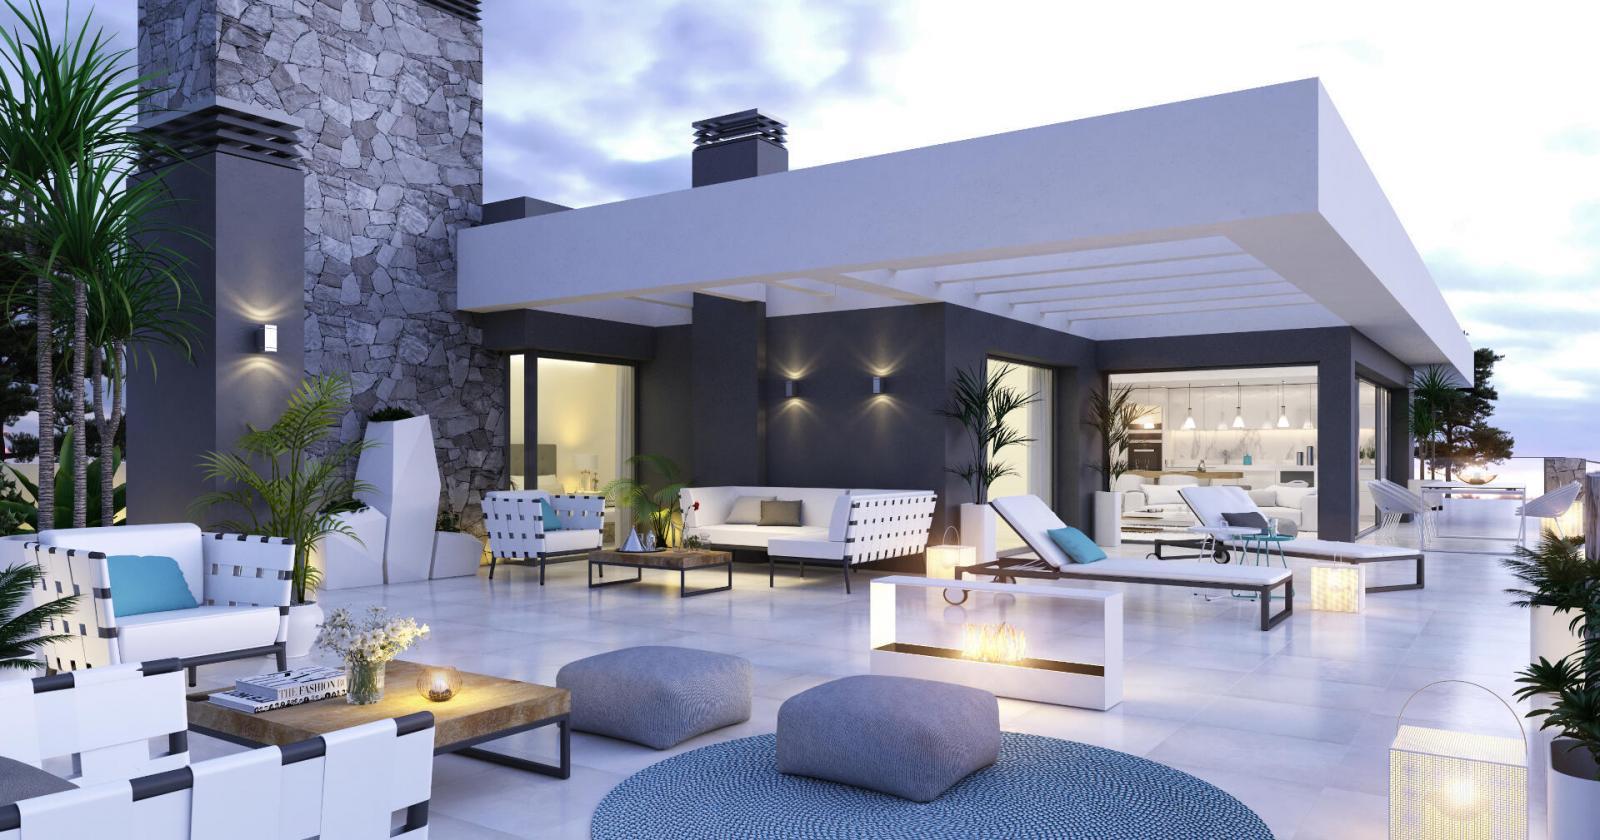 20200522163719 7c2c - Căn hộ Duplex là gì? Có nên mua căn hộ Duplex?